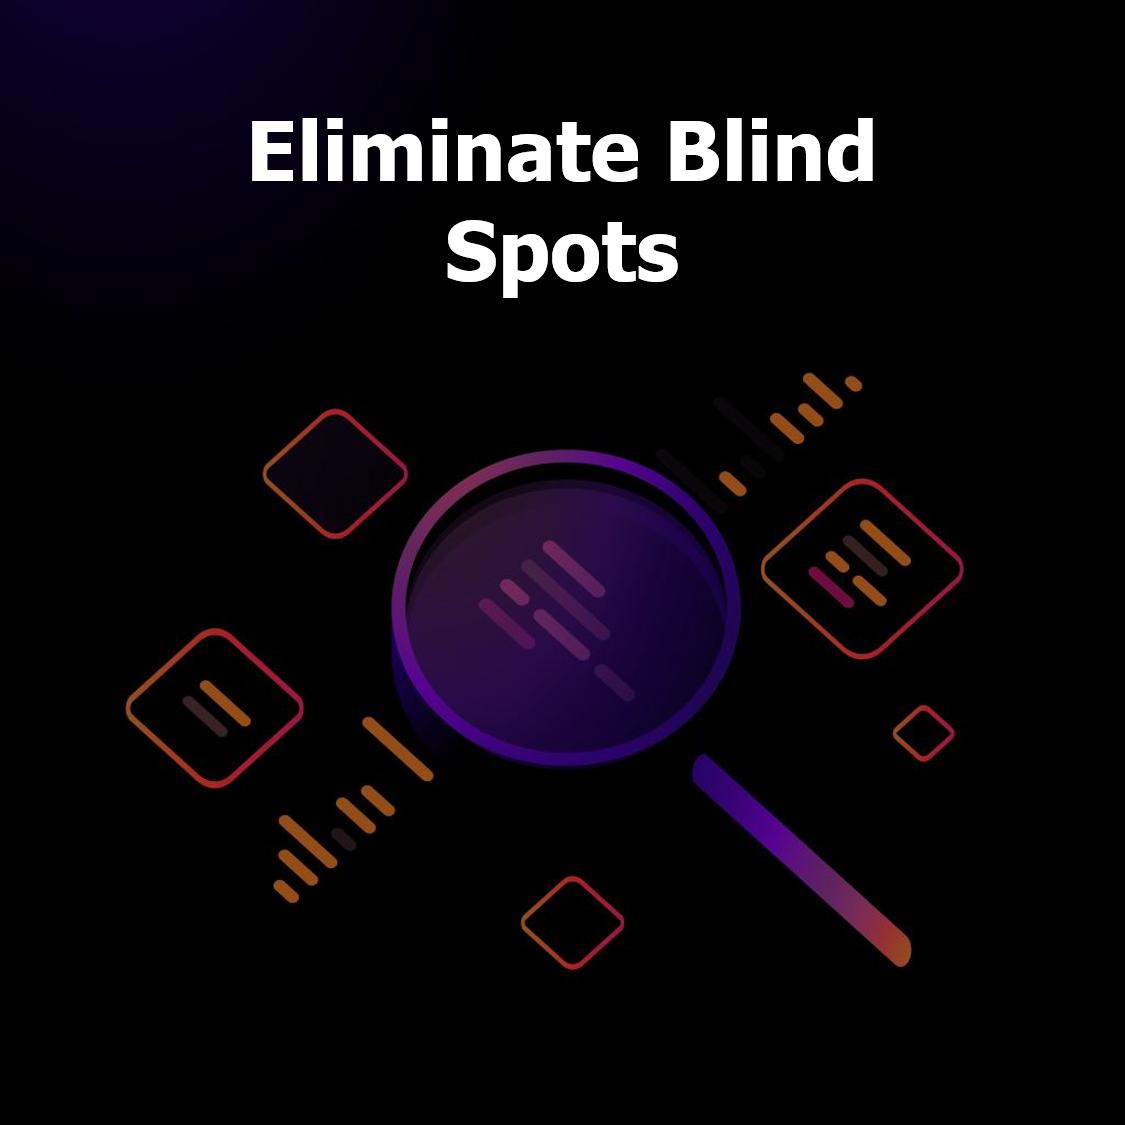 Eliminate Blind Spots